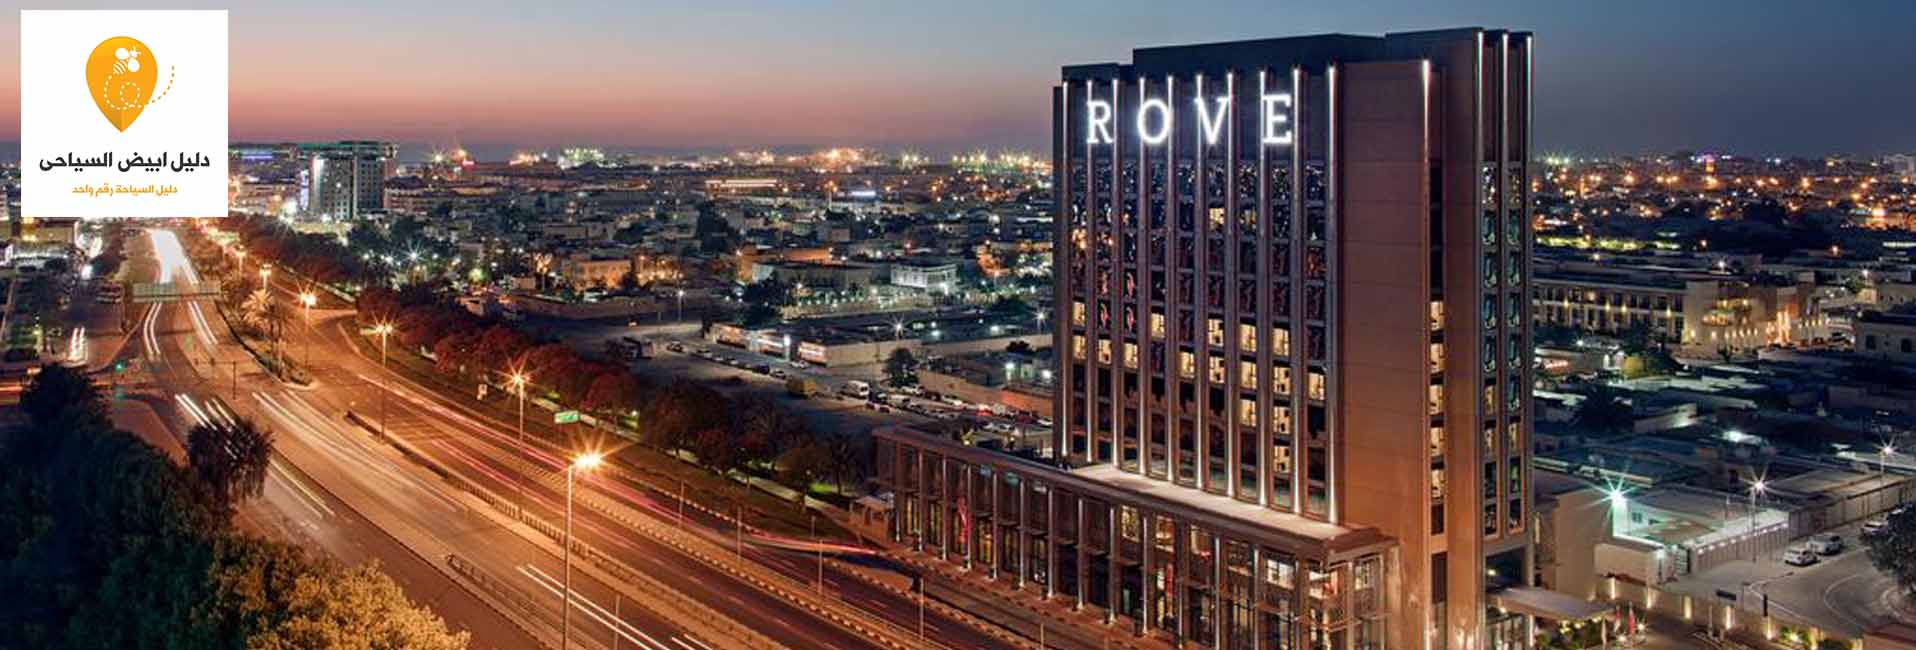 فندق روف تريد سنتر بدبي